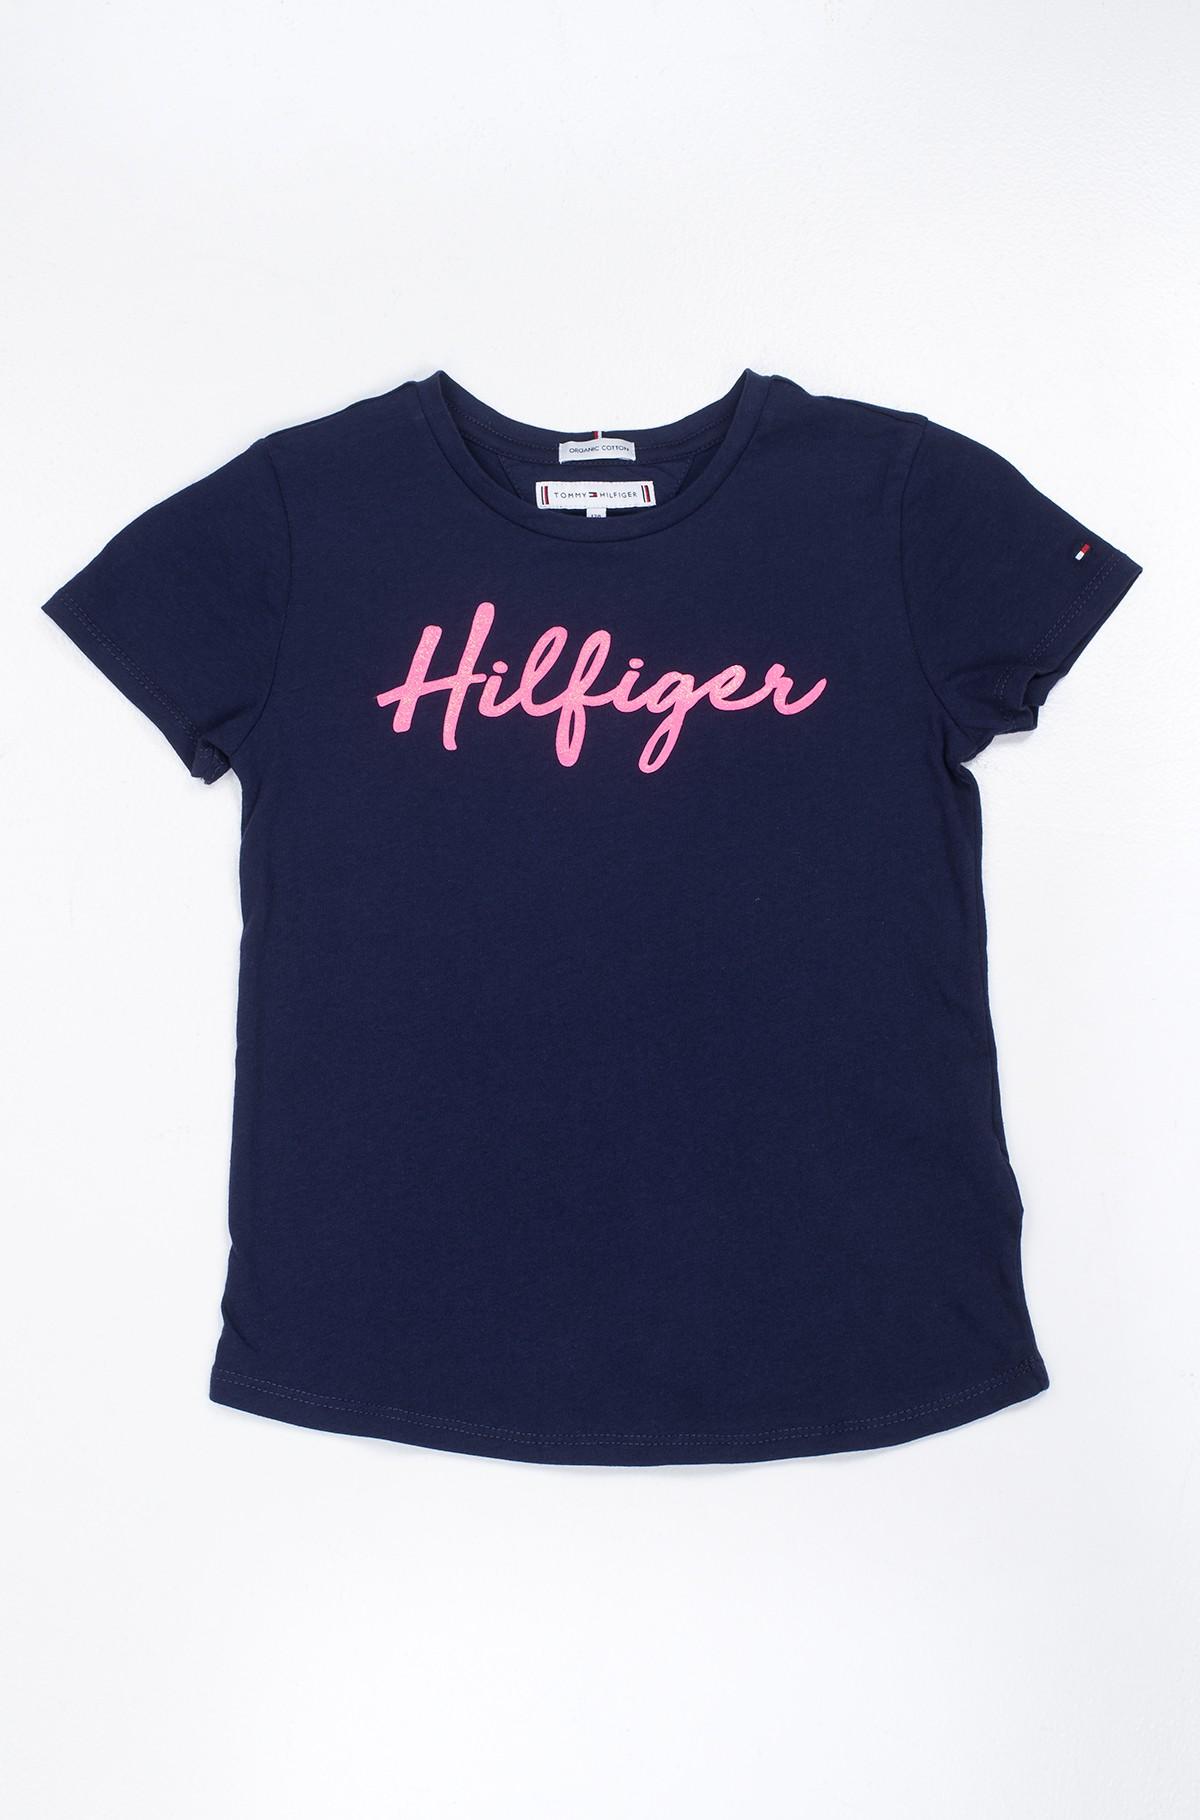 Vaikiški marškinėliai trumpomis rankovėmis Hilfiger tee s/s-full-1